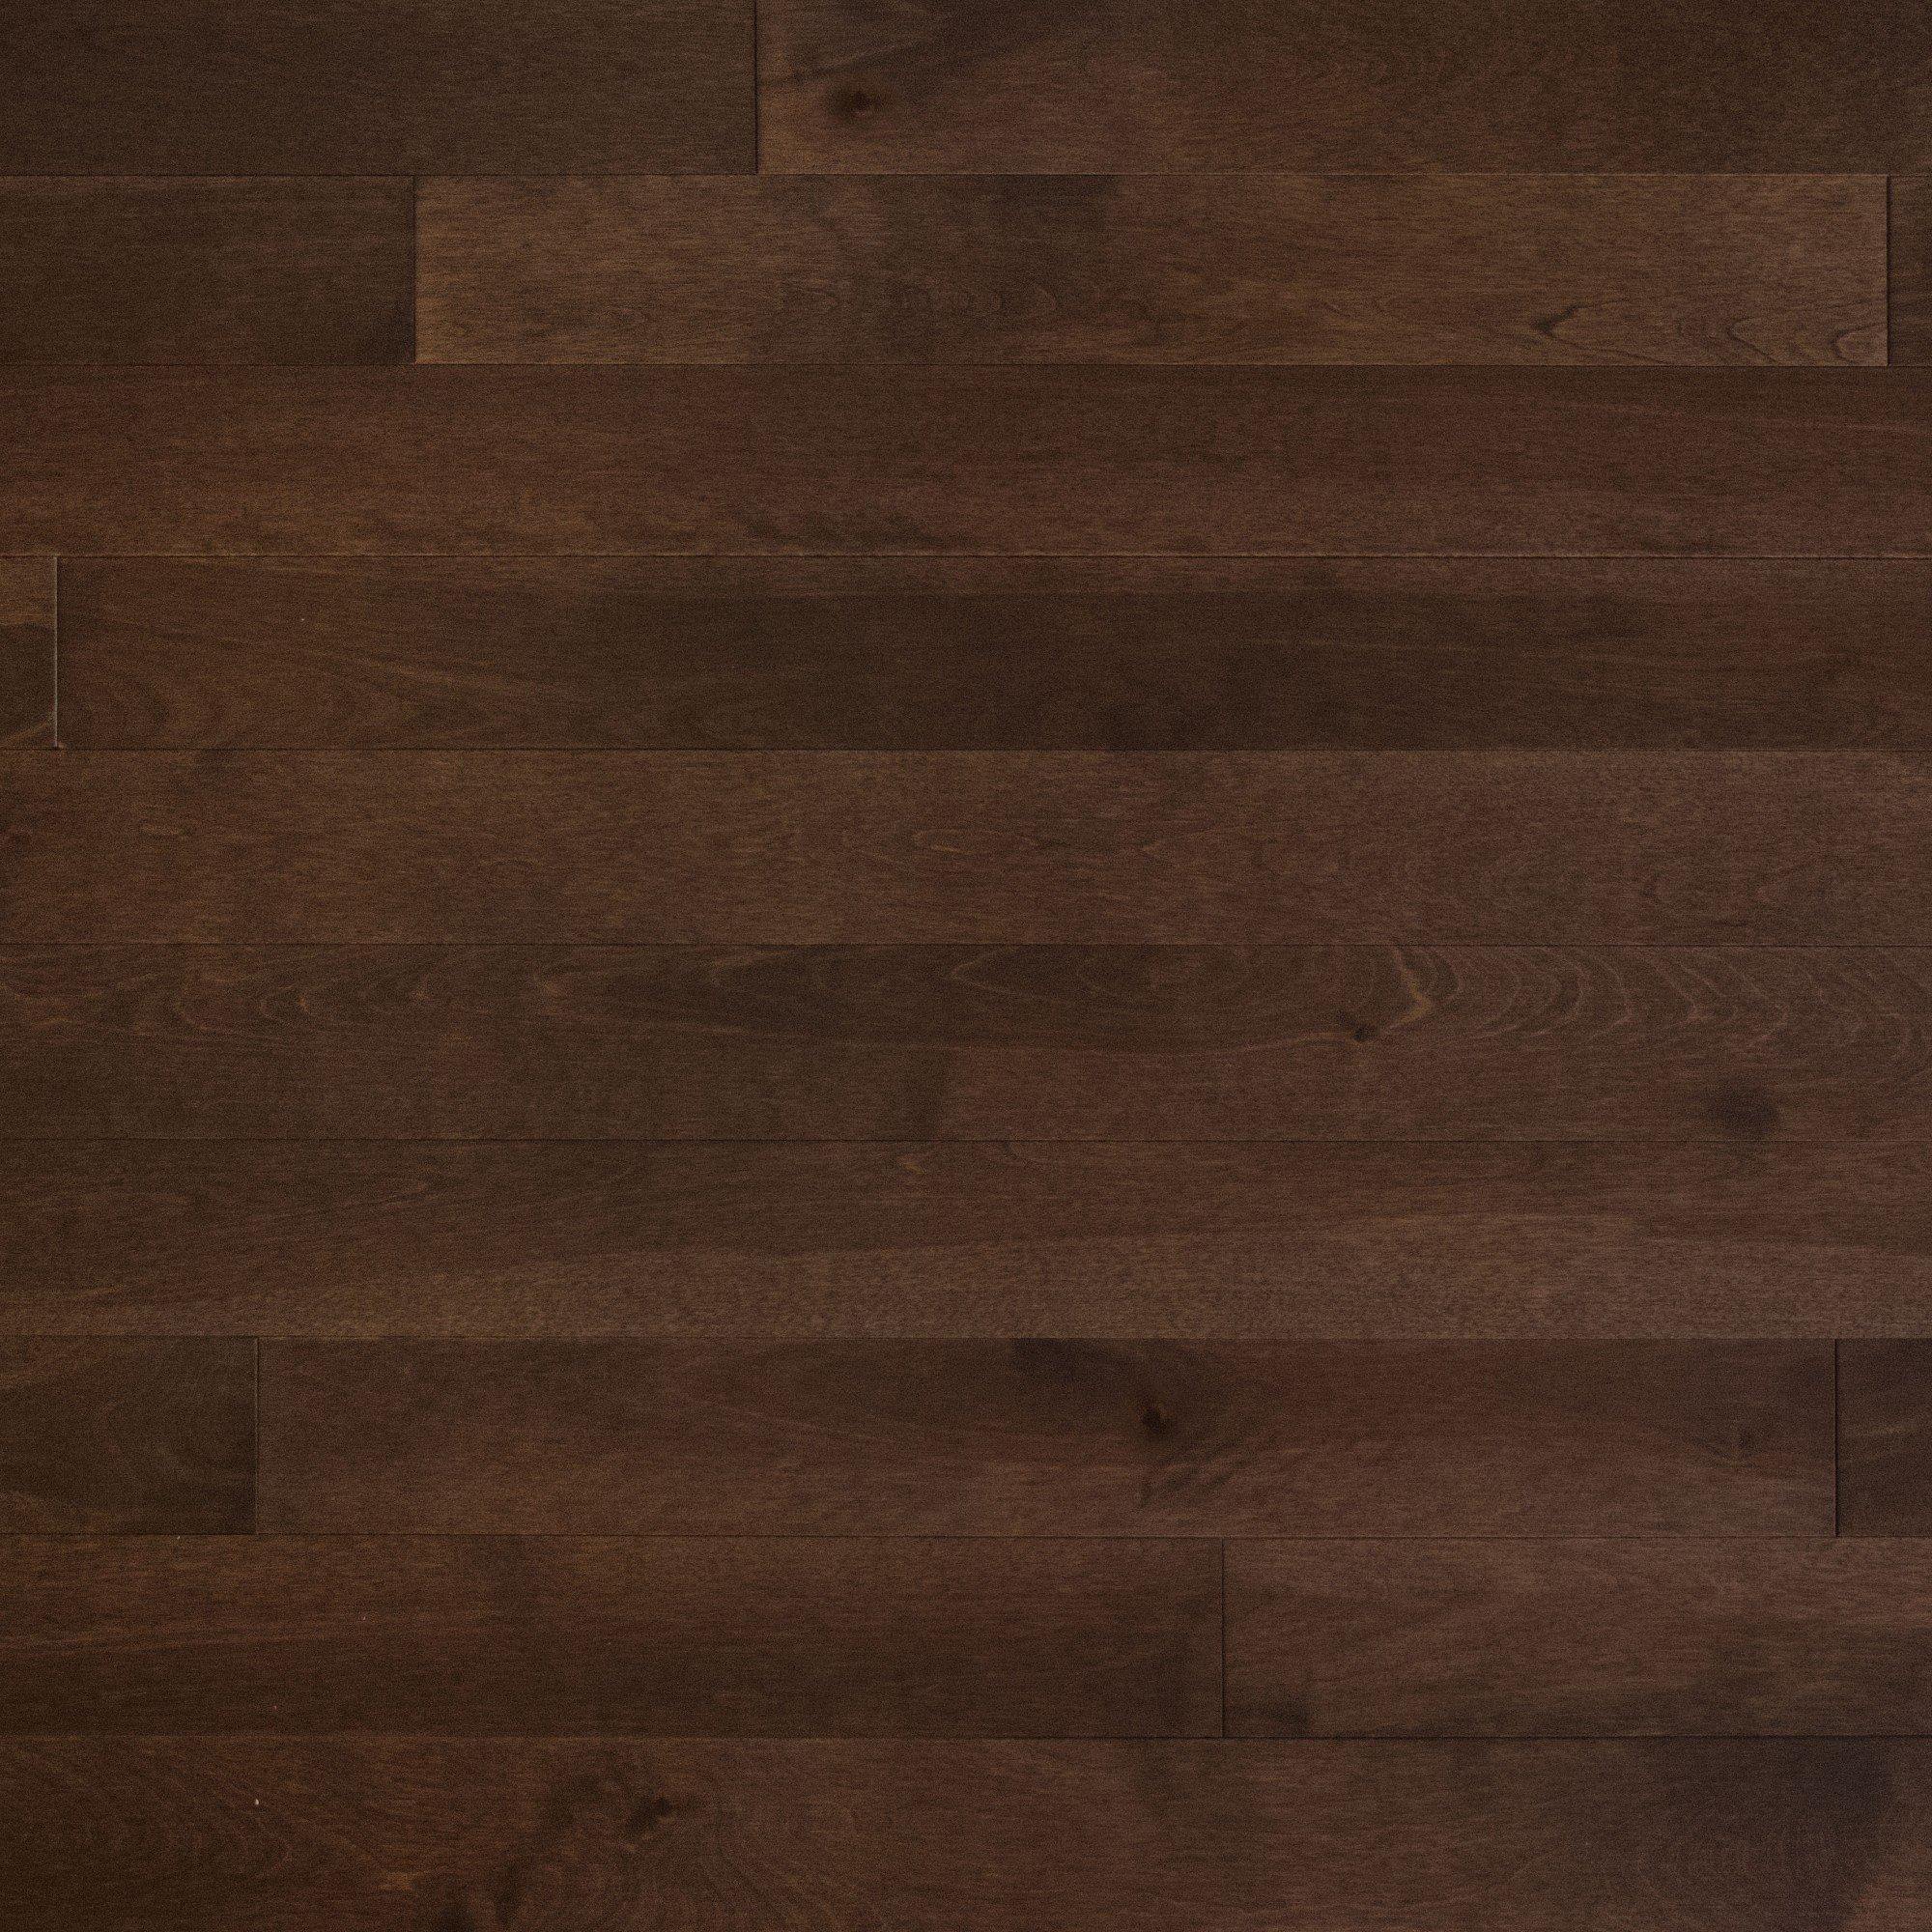 Merisier Umbria Exclusive Lisse - Image plancher